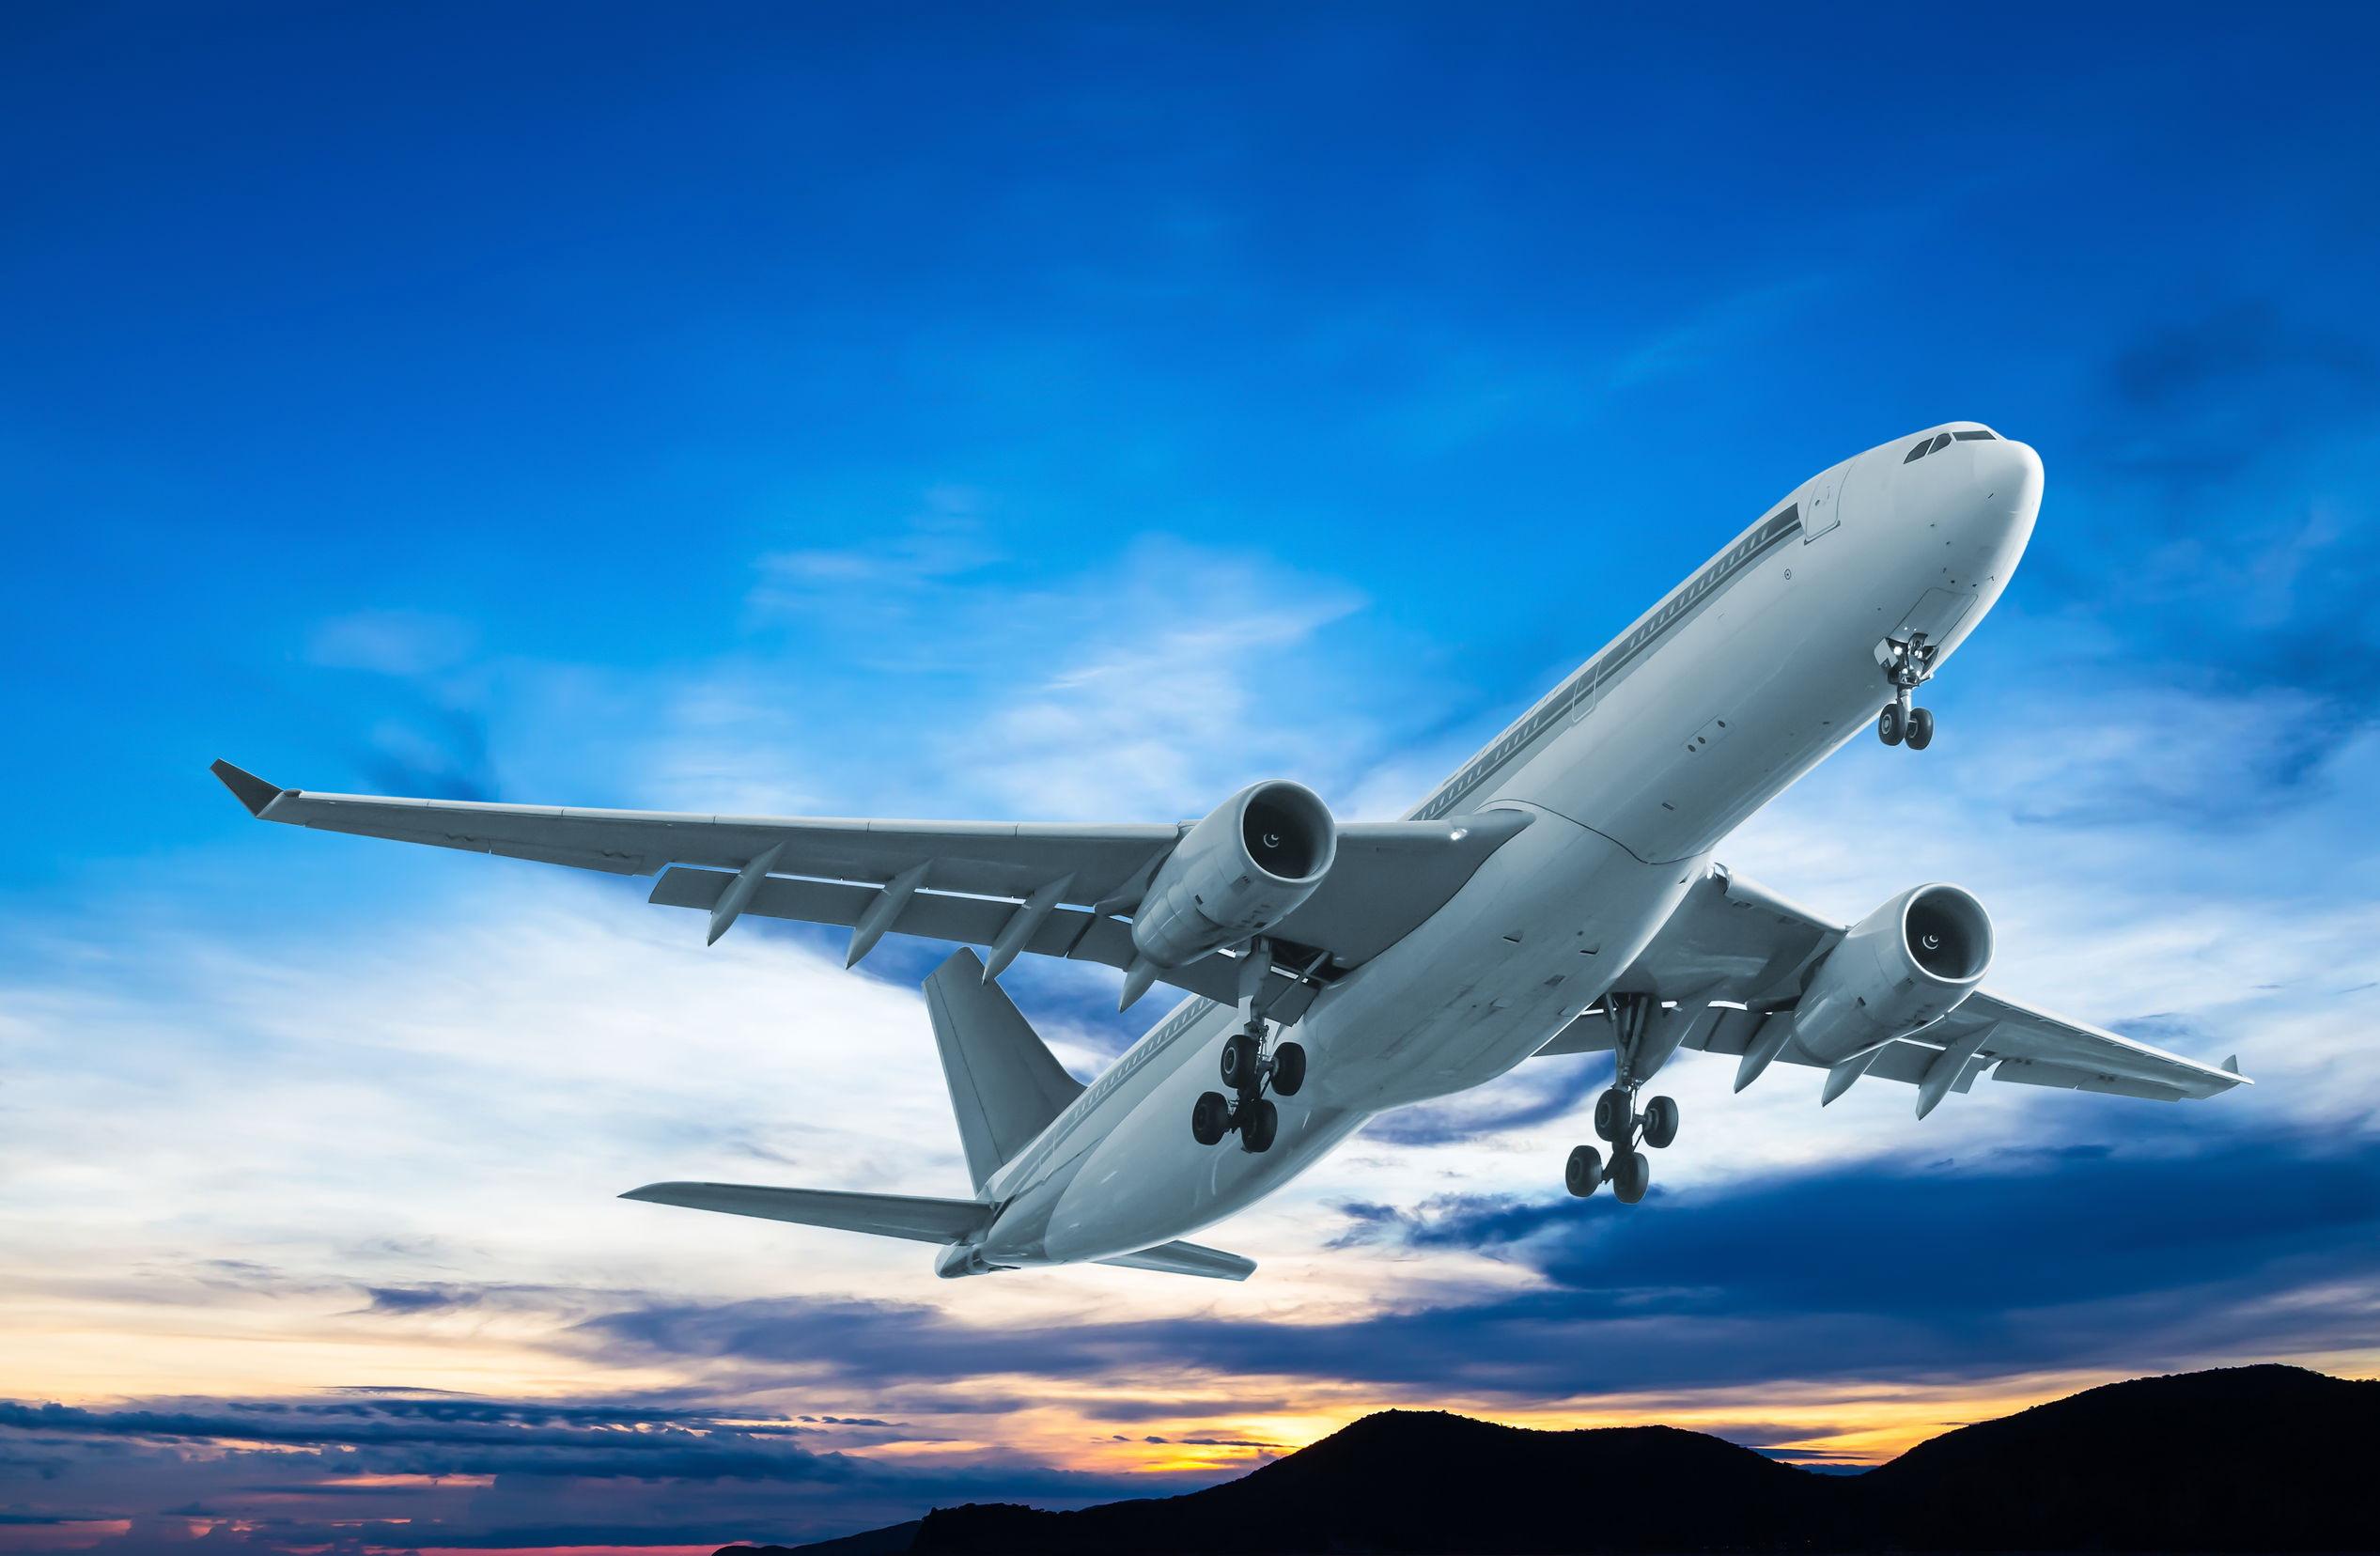 Транспортен лицез, Регистрация на Транспортна фирма, Транспортен лиценз, Лиценз за международен превоз на товари в Общността, Получаване на транспортен лицез за превоз на товари, Лиценз за превоз на стоки и товари